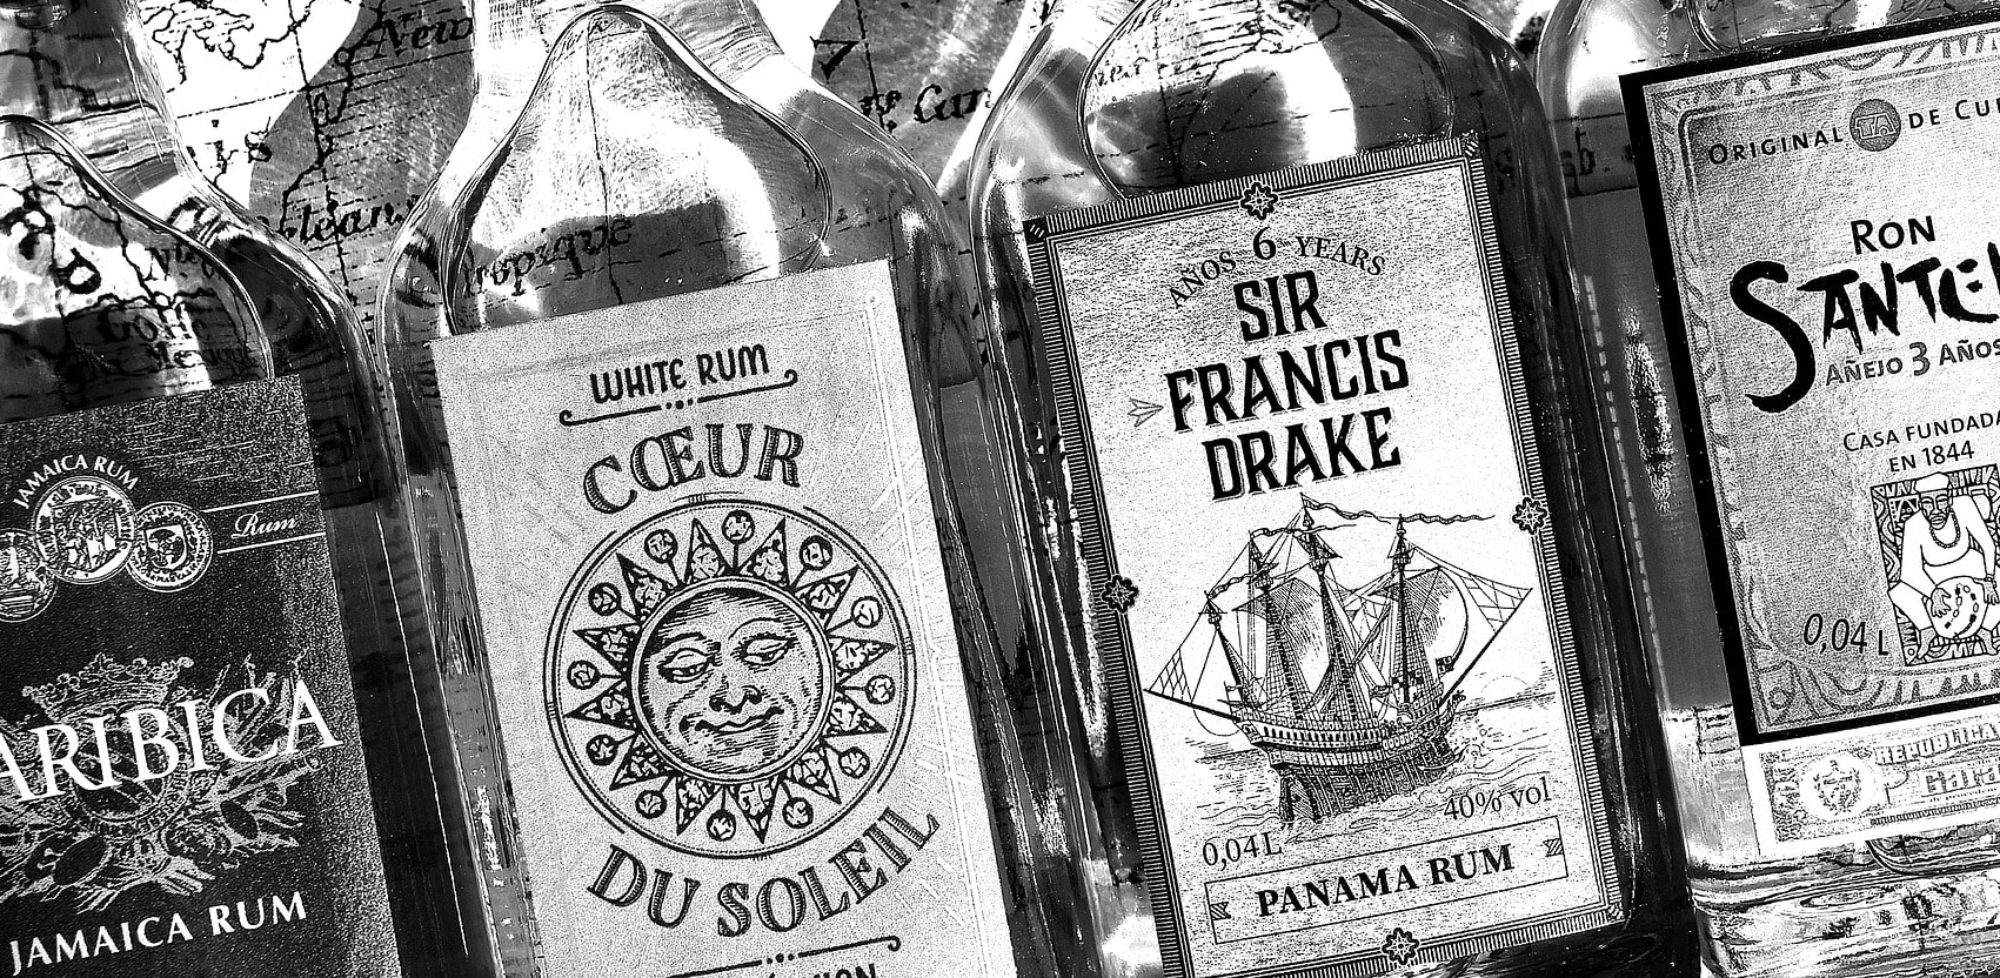 Rum Rum Rum Club